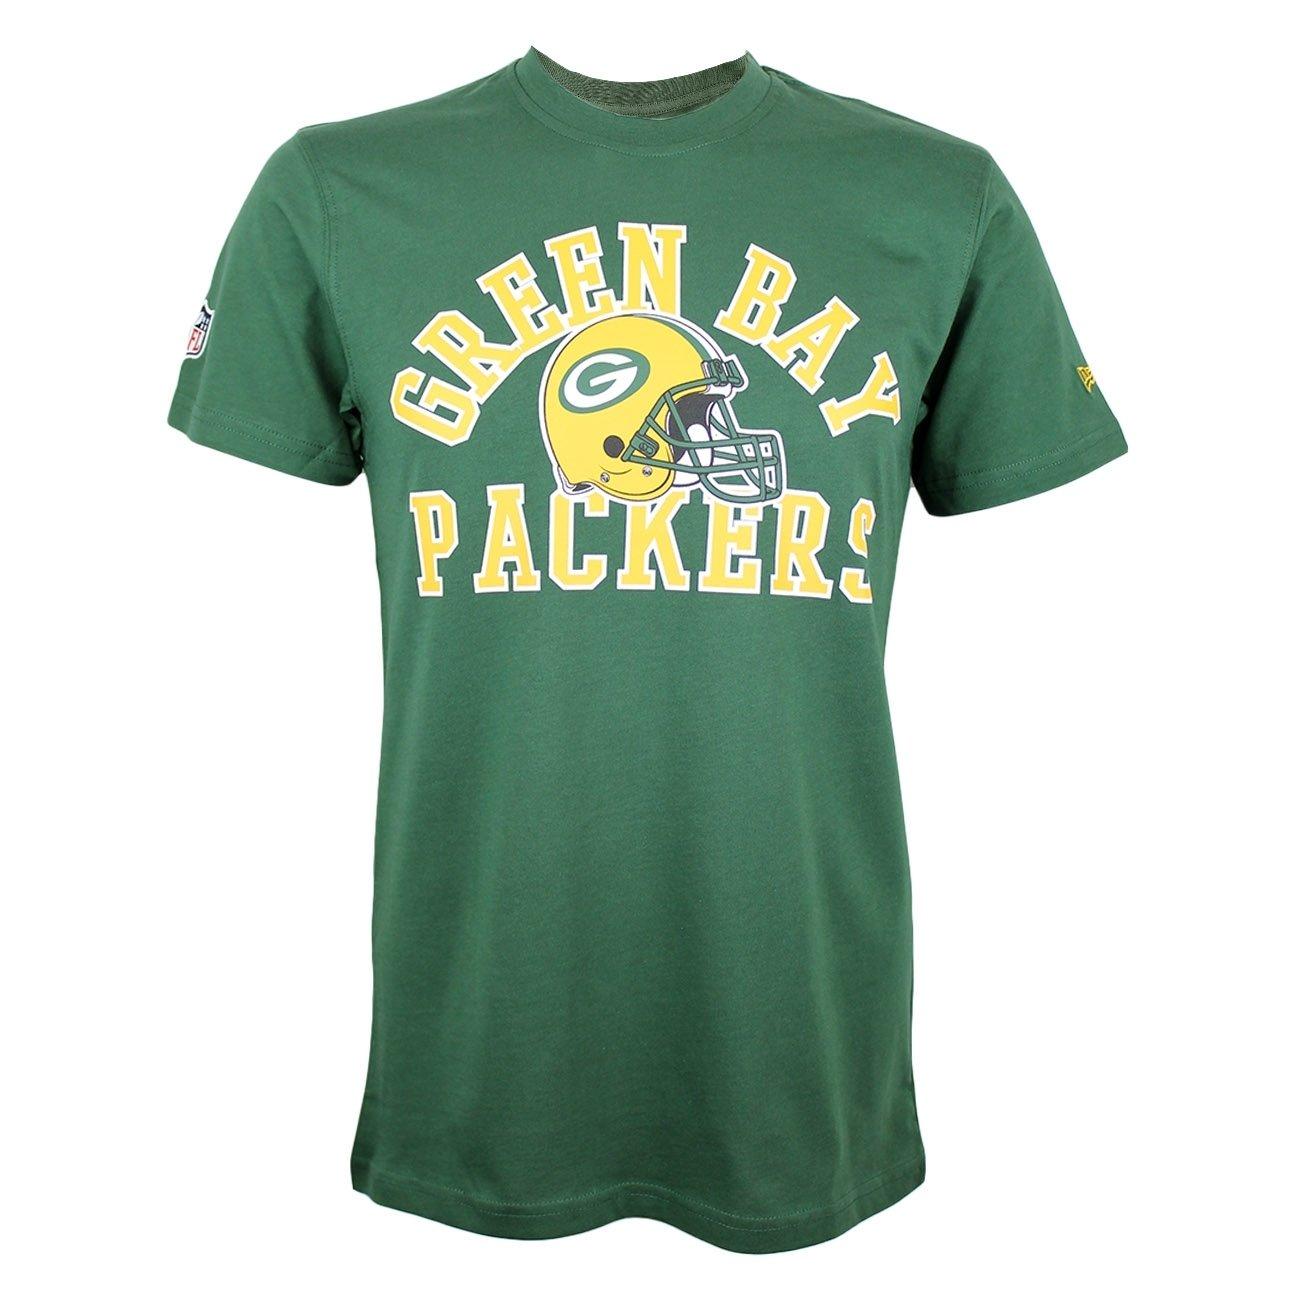 New Era Ne96449Fa16 NFL College Tee Grepac Cig - T-Shirt-Linie Green Bay Packers für Herren, Farbe Grün, Größe Farbe Grün Größe 11278300